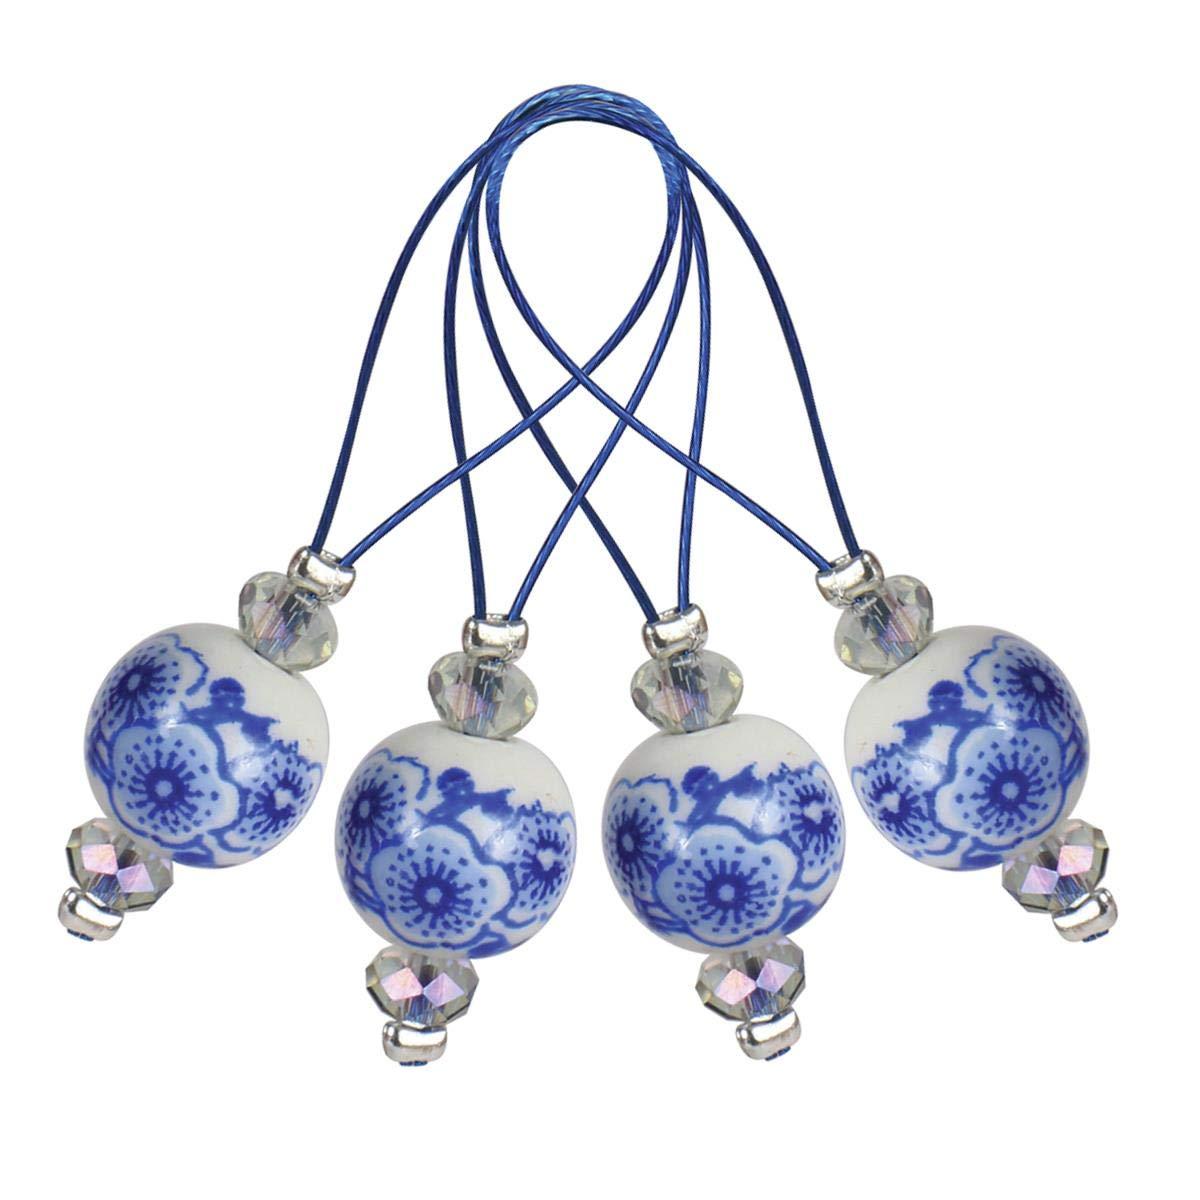 KnitPro Zooni: Bead marcapunti: Blooming blu, assortiti Knit Pro KP11256